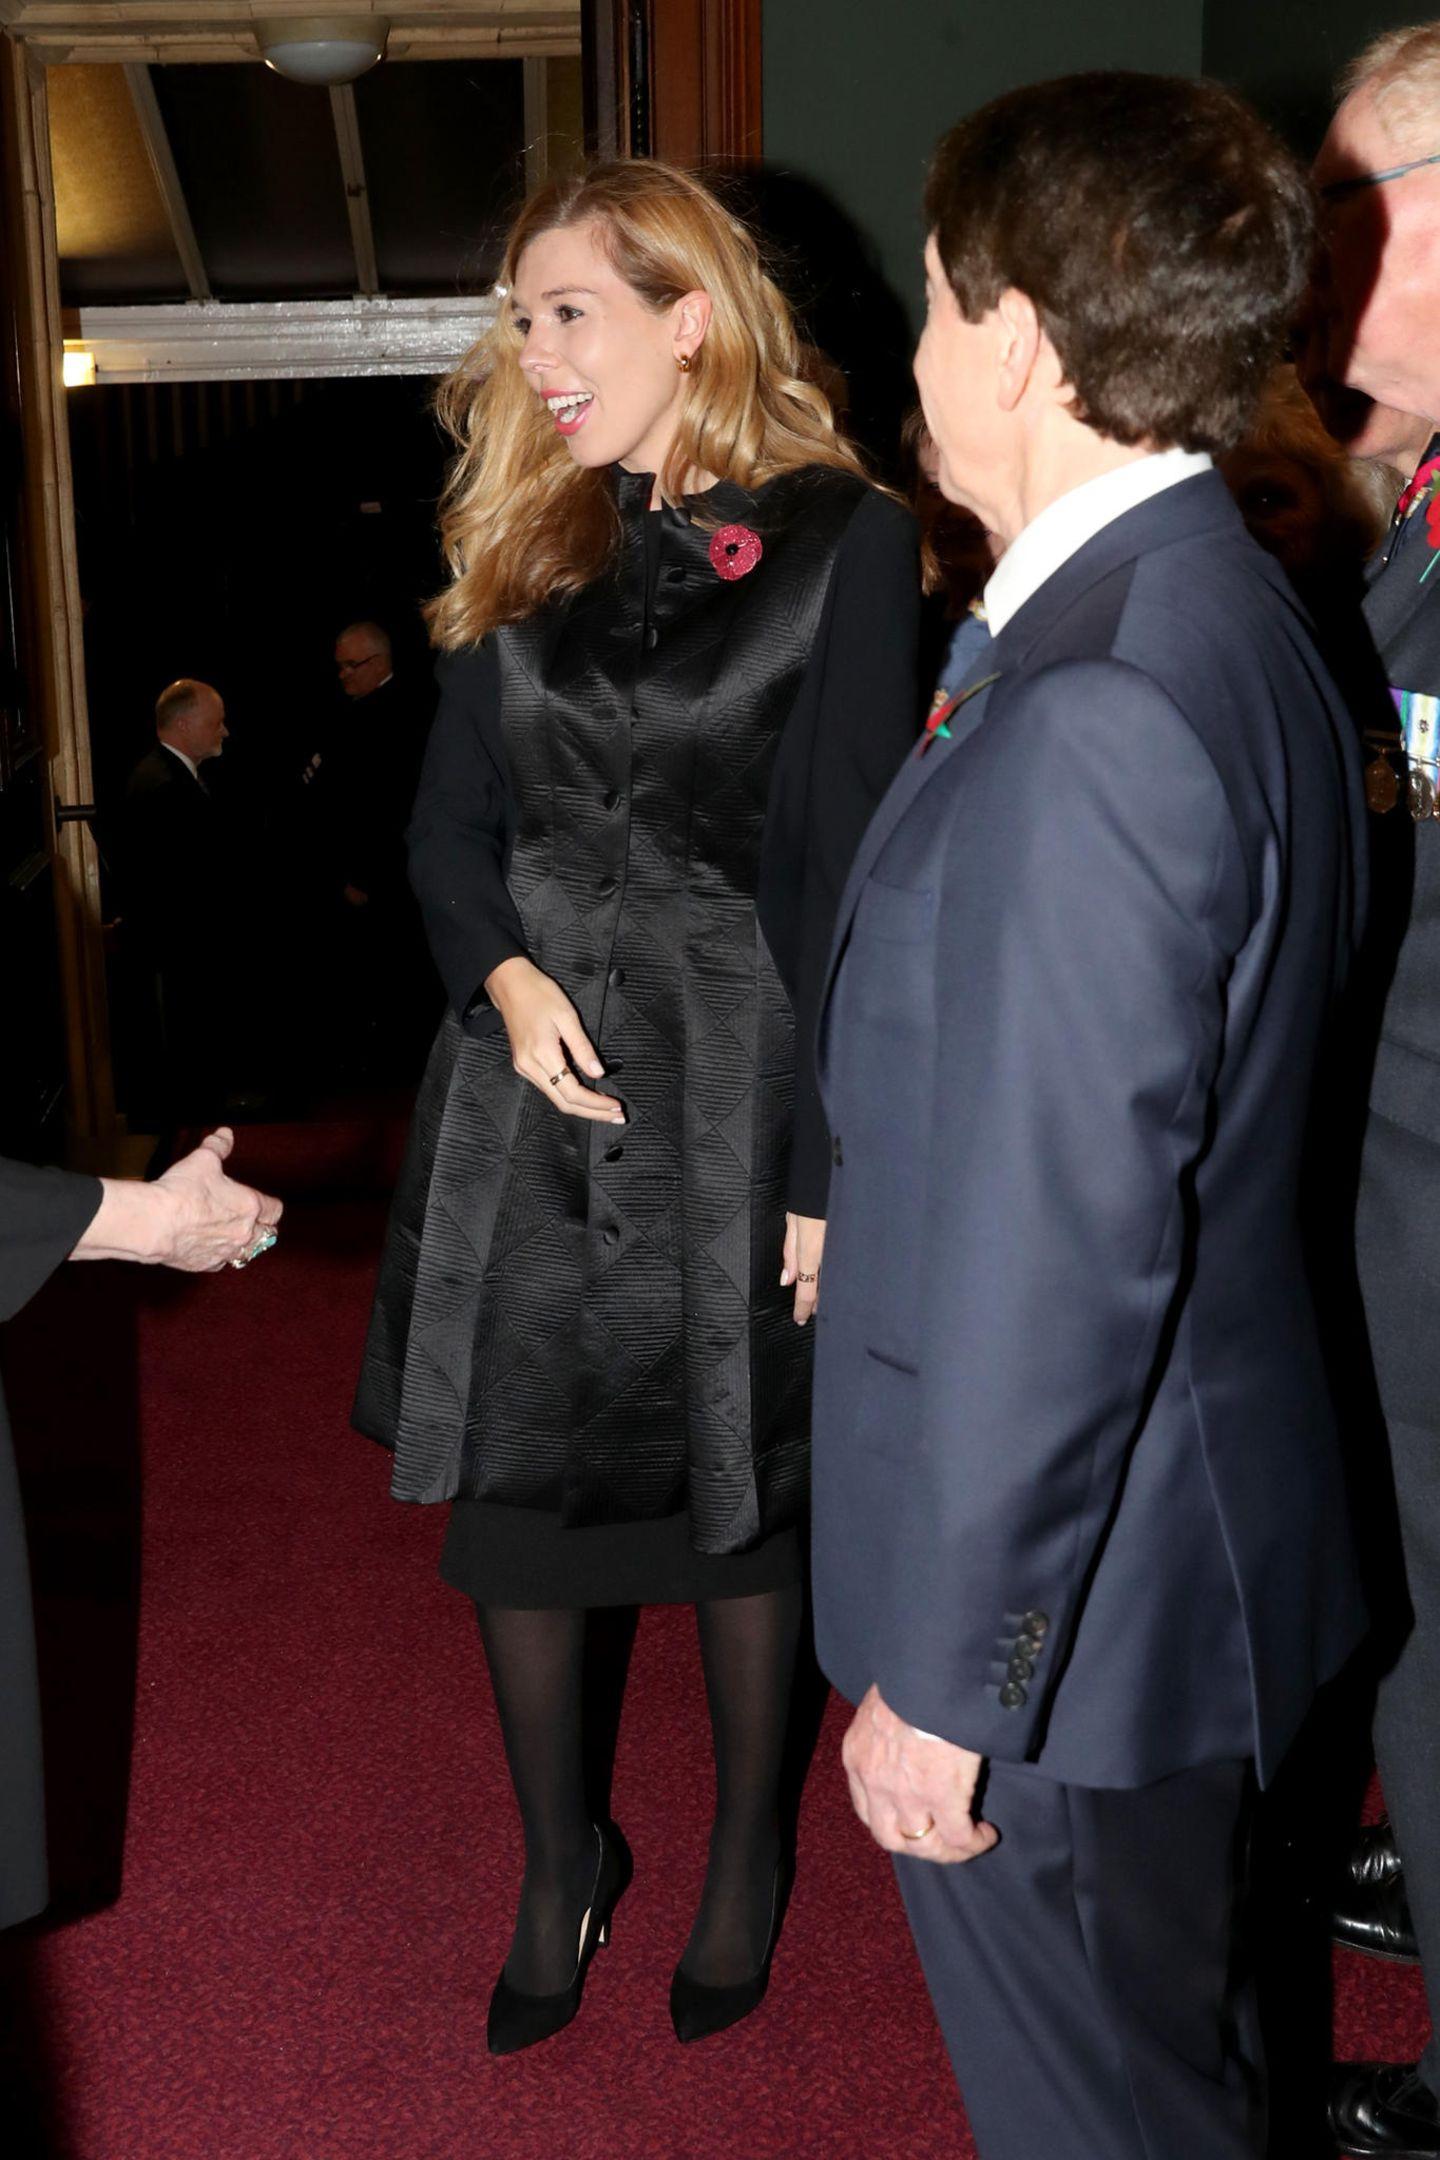 """Carrie Symonds, die Freundin des britischen Premierministers Boris Johnson, wählt genau sechs Jahre später ausgerechnet für einen Auftritt an der Seite der Royals zum """"Festival of Remembrance"""" dasgleichen Mantelkleid. Auch sie trägt ihr Haar offen und in leichten Locken, die Mohnblumenbrosche, die als Symbol des Gedenkens gilt, darf natürlich auch bei ihr nicht fehlen. Ob Herzogin Catherine in der """"Royal Albert Hall"""" zu ihr herüber geschielt und den Look erkannt hat? Zufall kann die Wahl von Carrie eigentlich nicht sein..."""